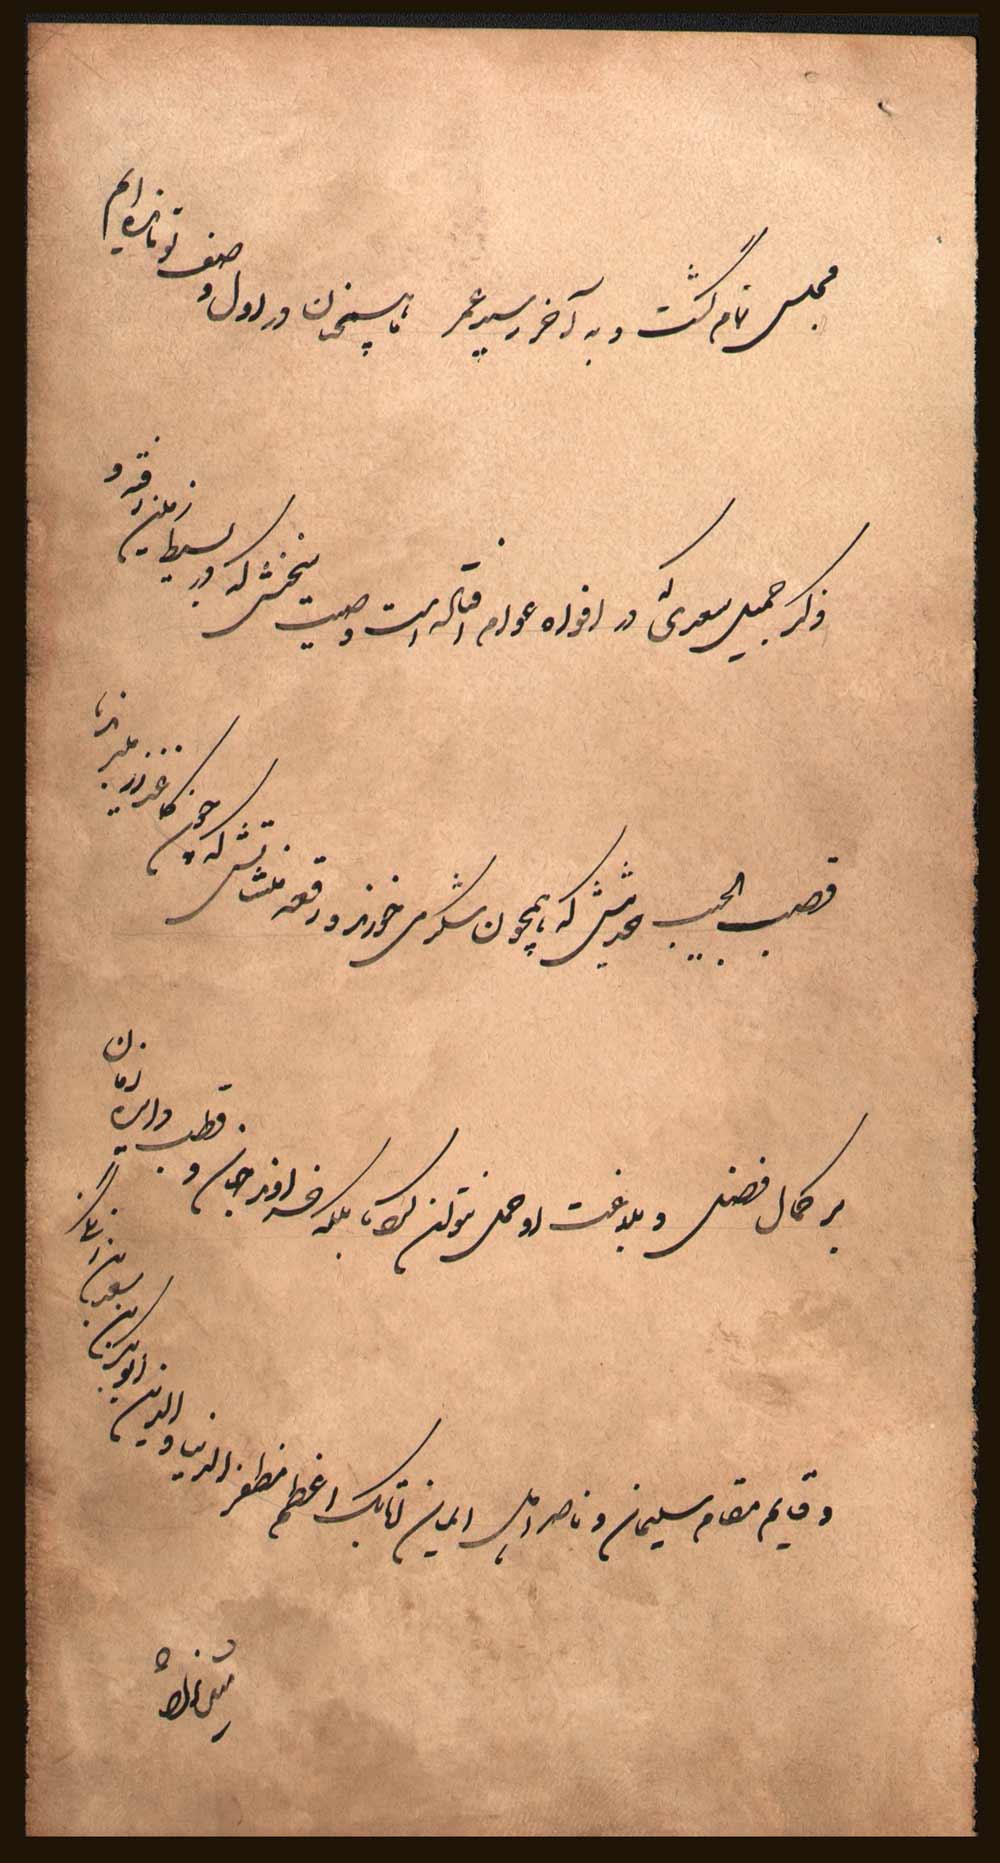 tahriri-saitsfw-6